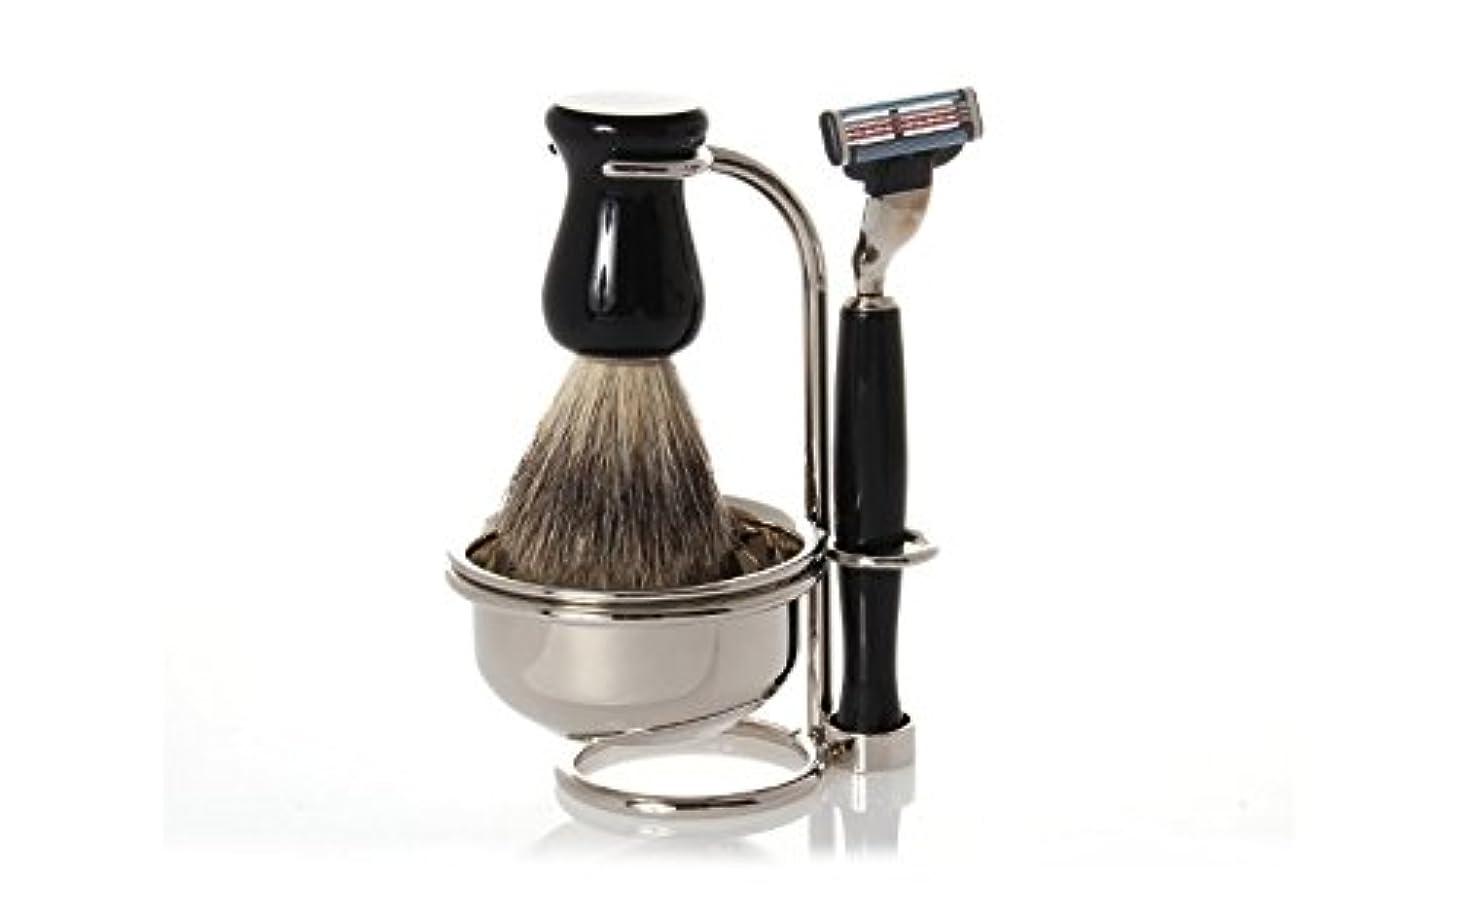 市民権走る存在するErbe Shaving Set, Gillette Mach3 Razor, Shaving Brush, Soap Bowl, Stand, black